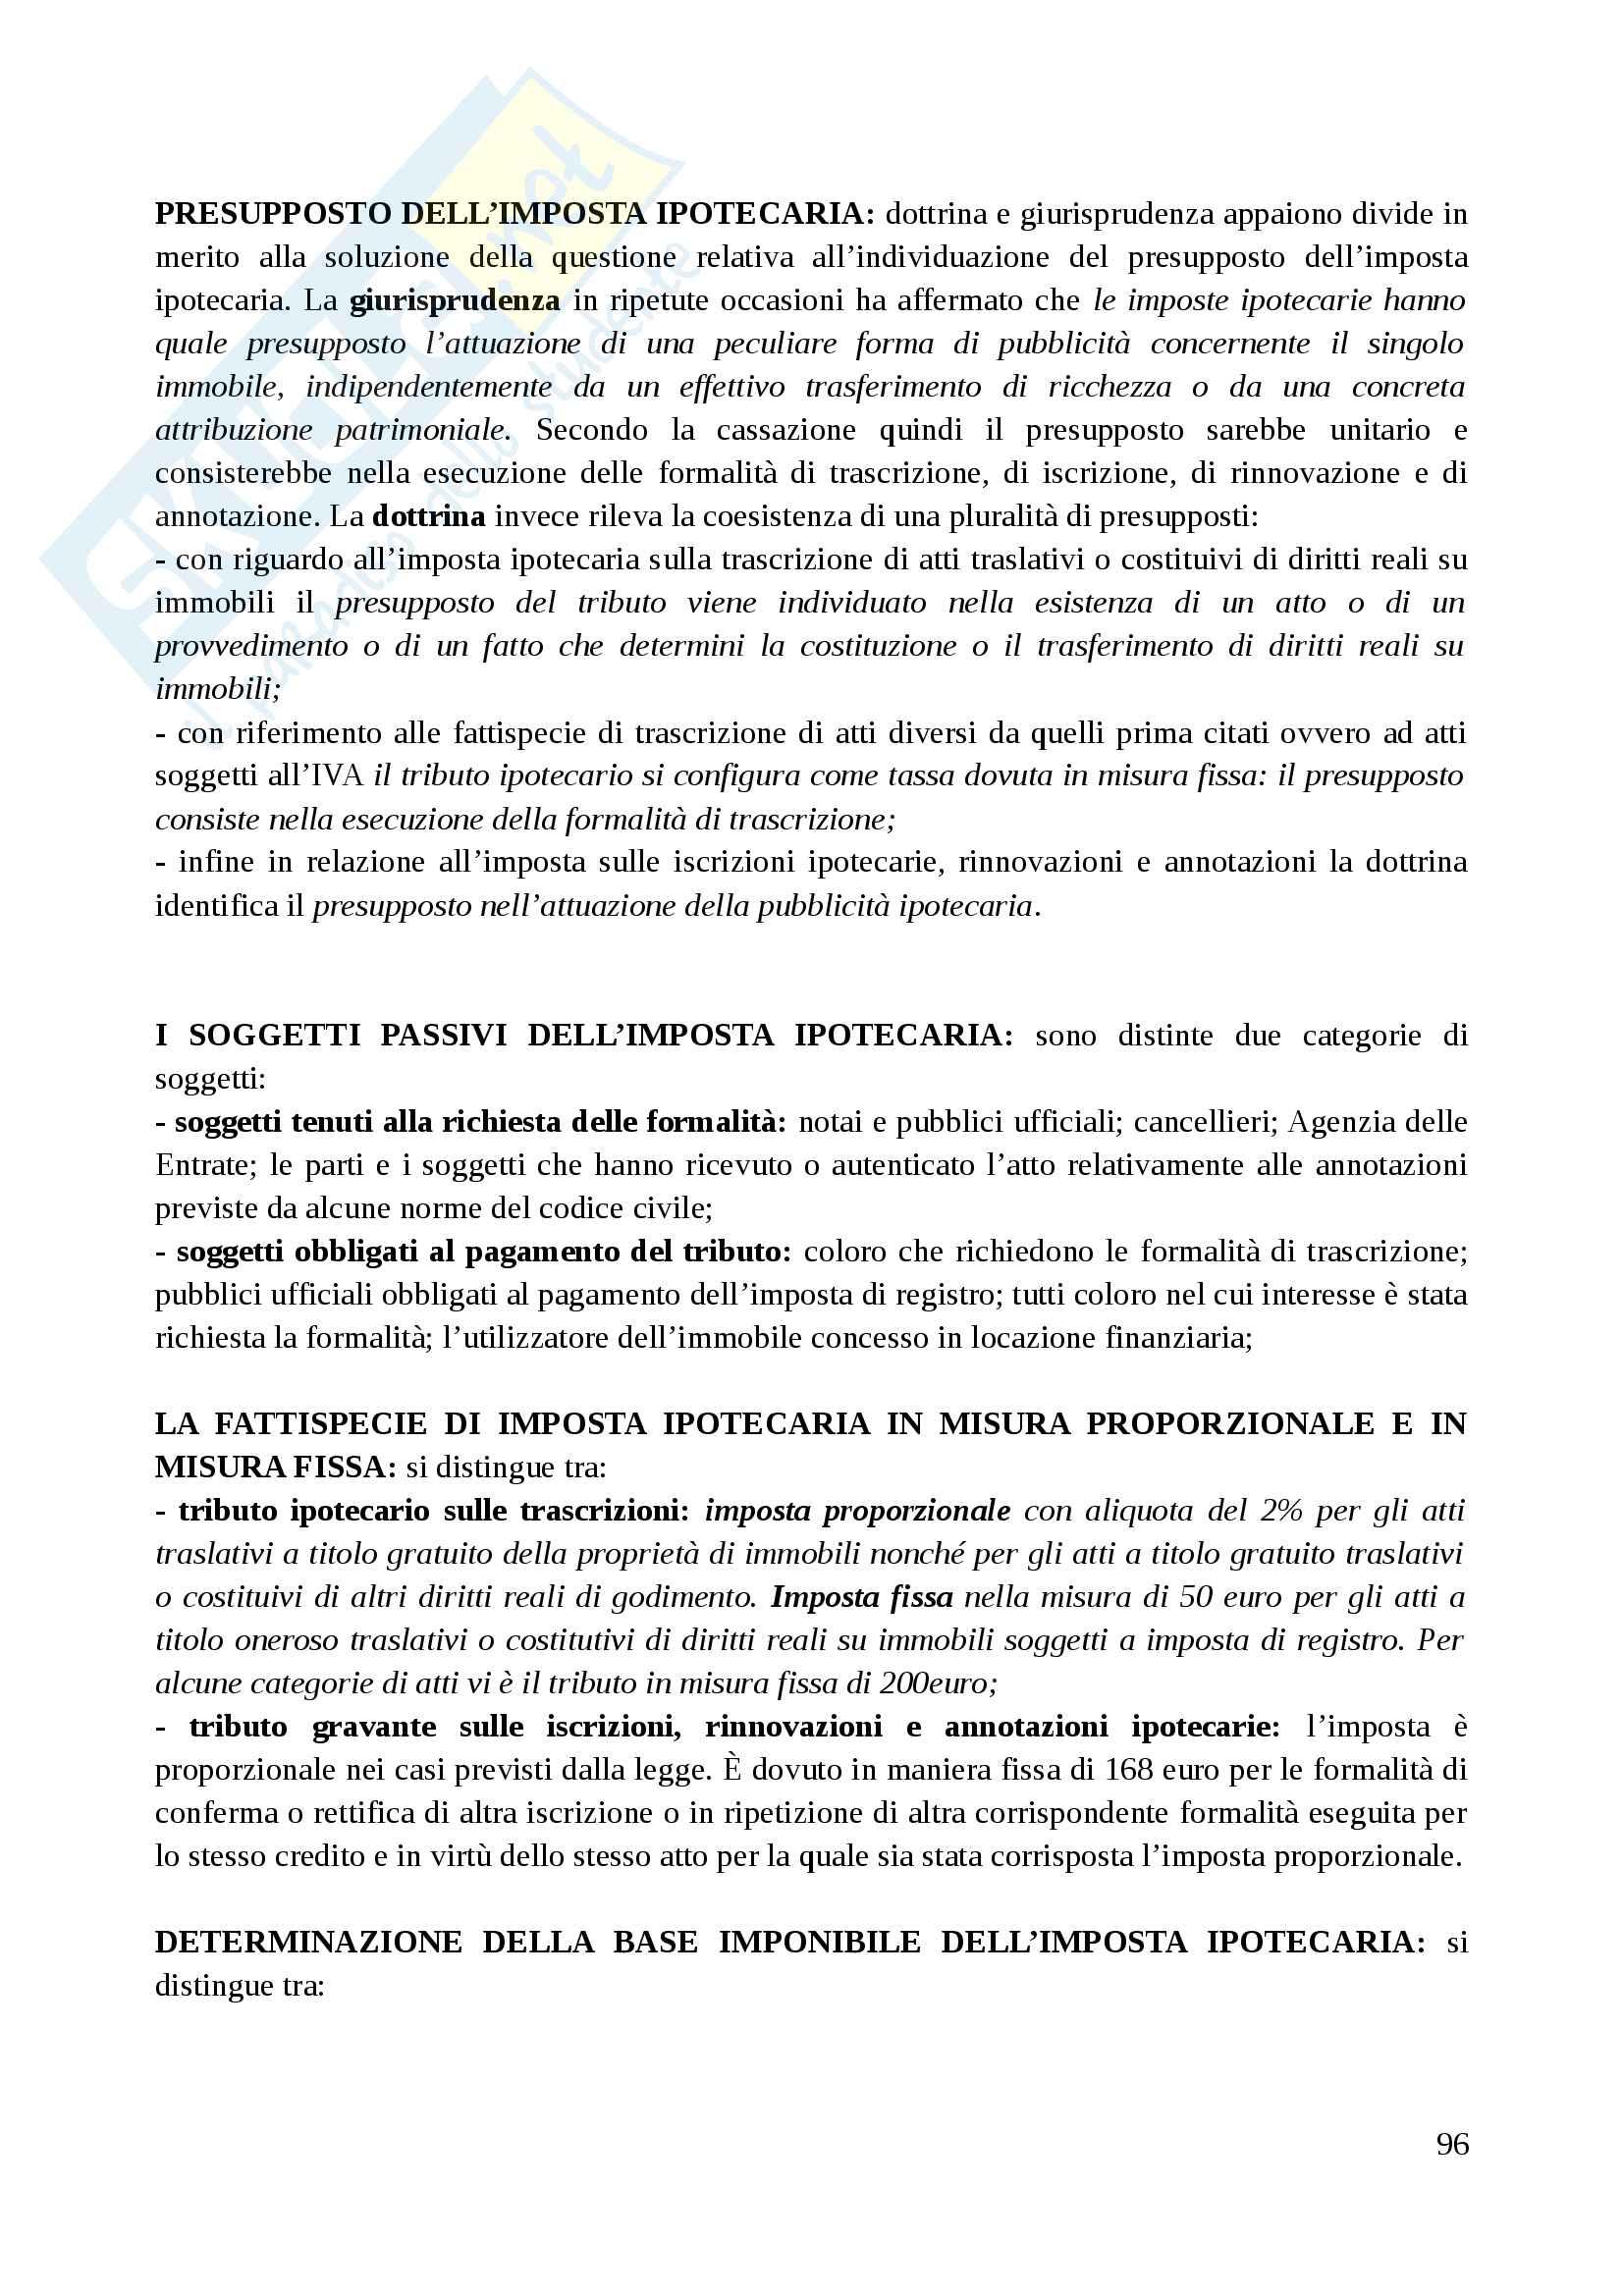 Riassunto esame Diritto Tributario II, prof. Tassani, libro consigliato Manuale di Diritto Tributario - Parte Speciale: Il sistema delle imposte in Italia,Falsitta, 2014 Pag. 96